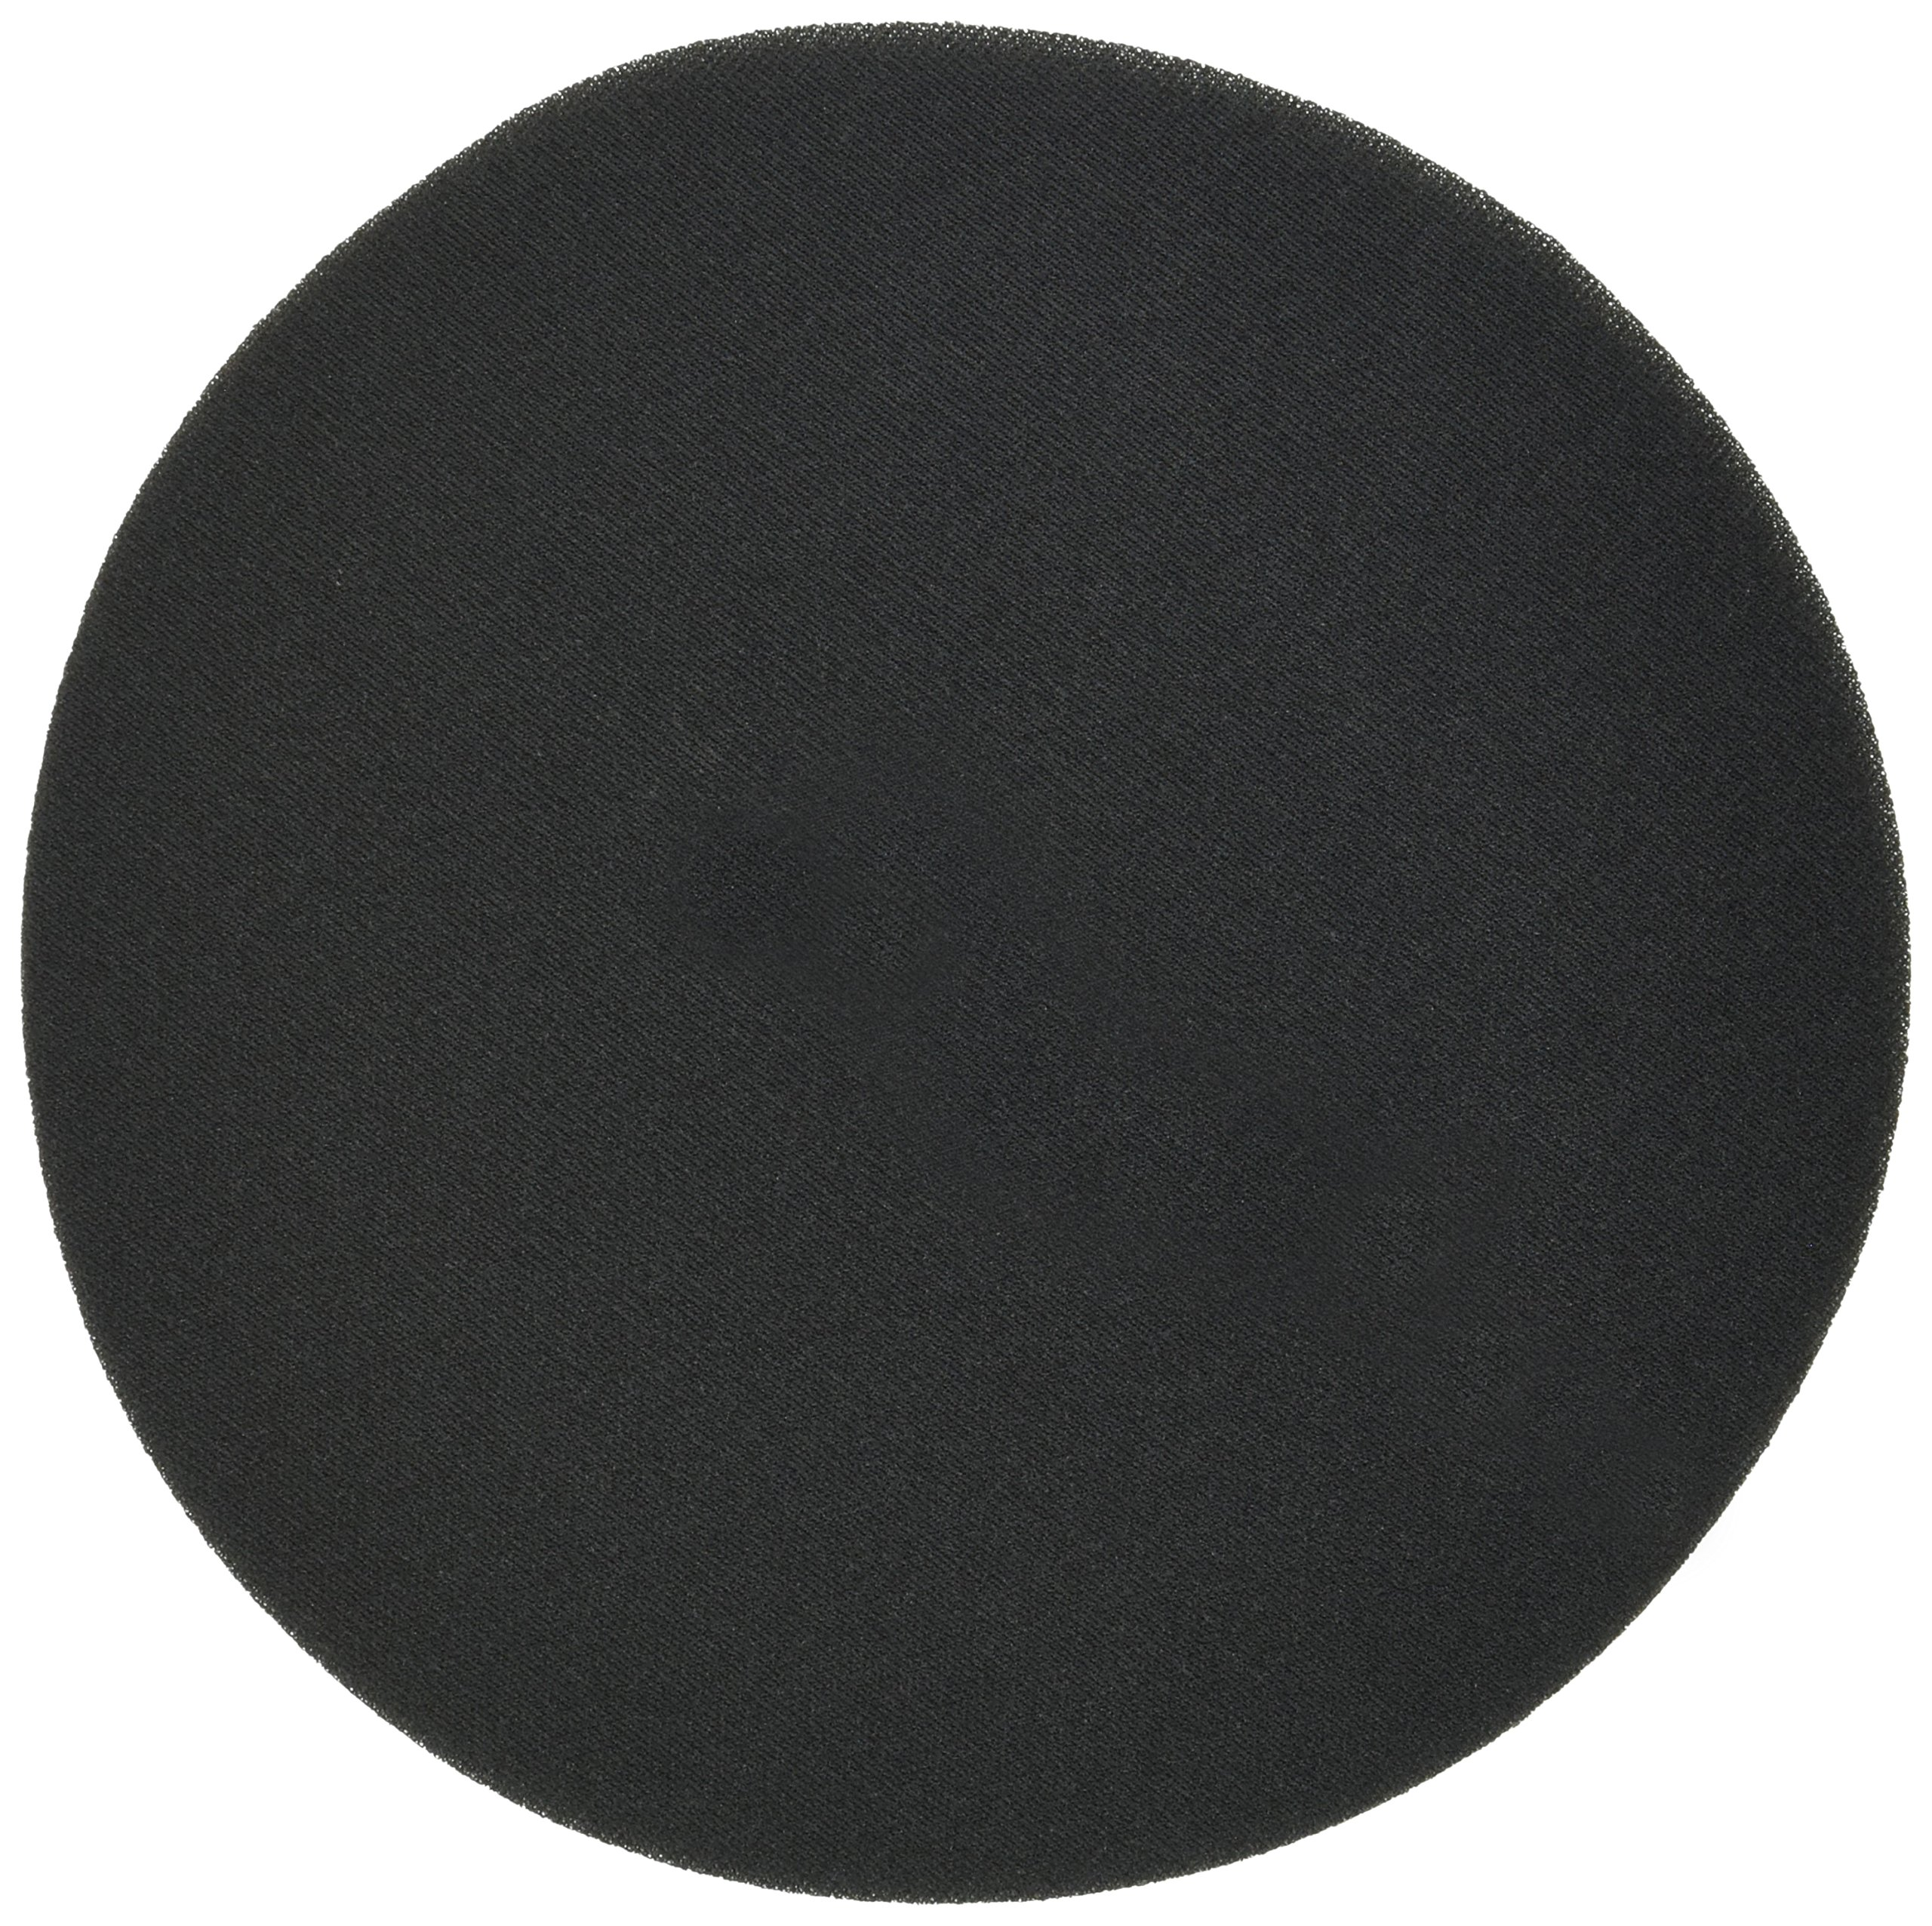 Festool 492368 S400 Grit, Platin 2 Abrasives, Pack of 15